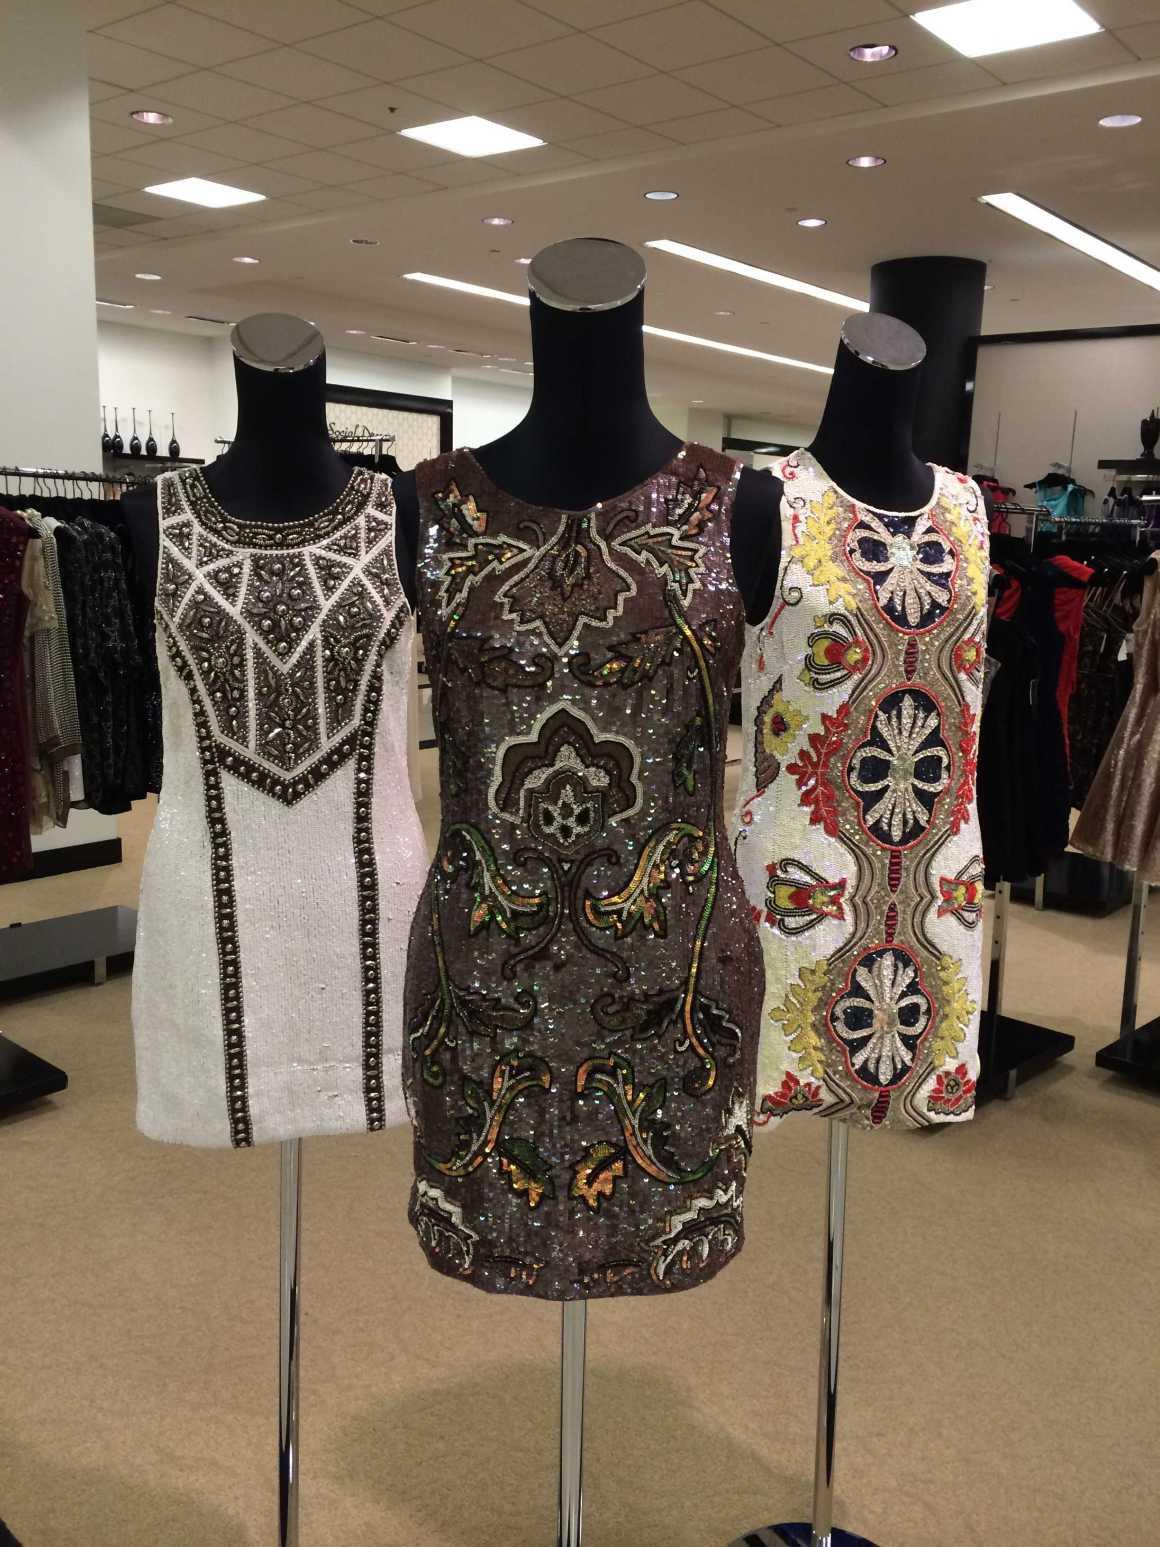 Steps for choosing a dress for Winter Formal!